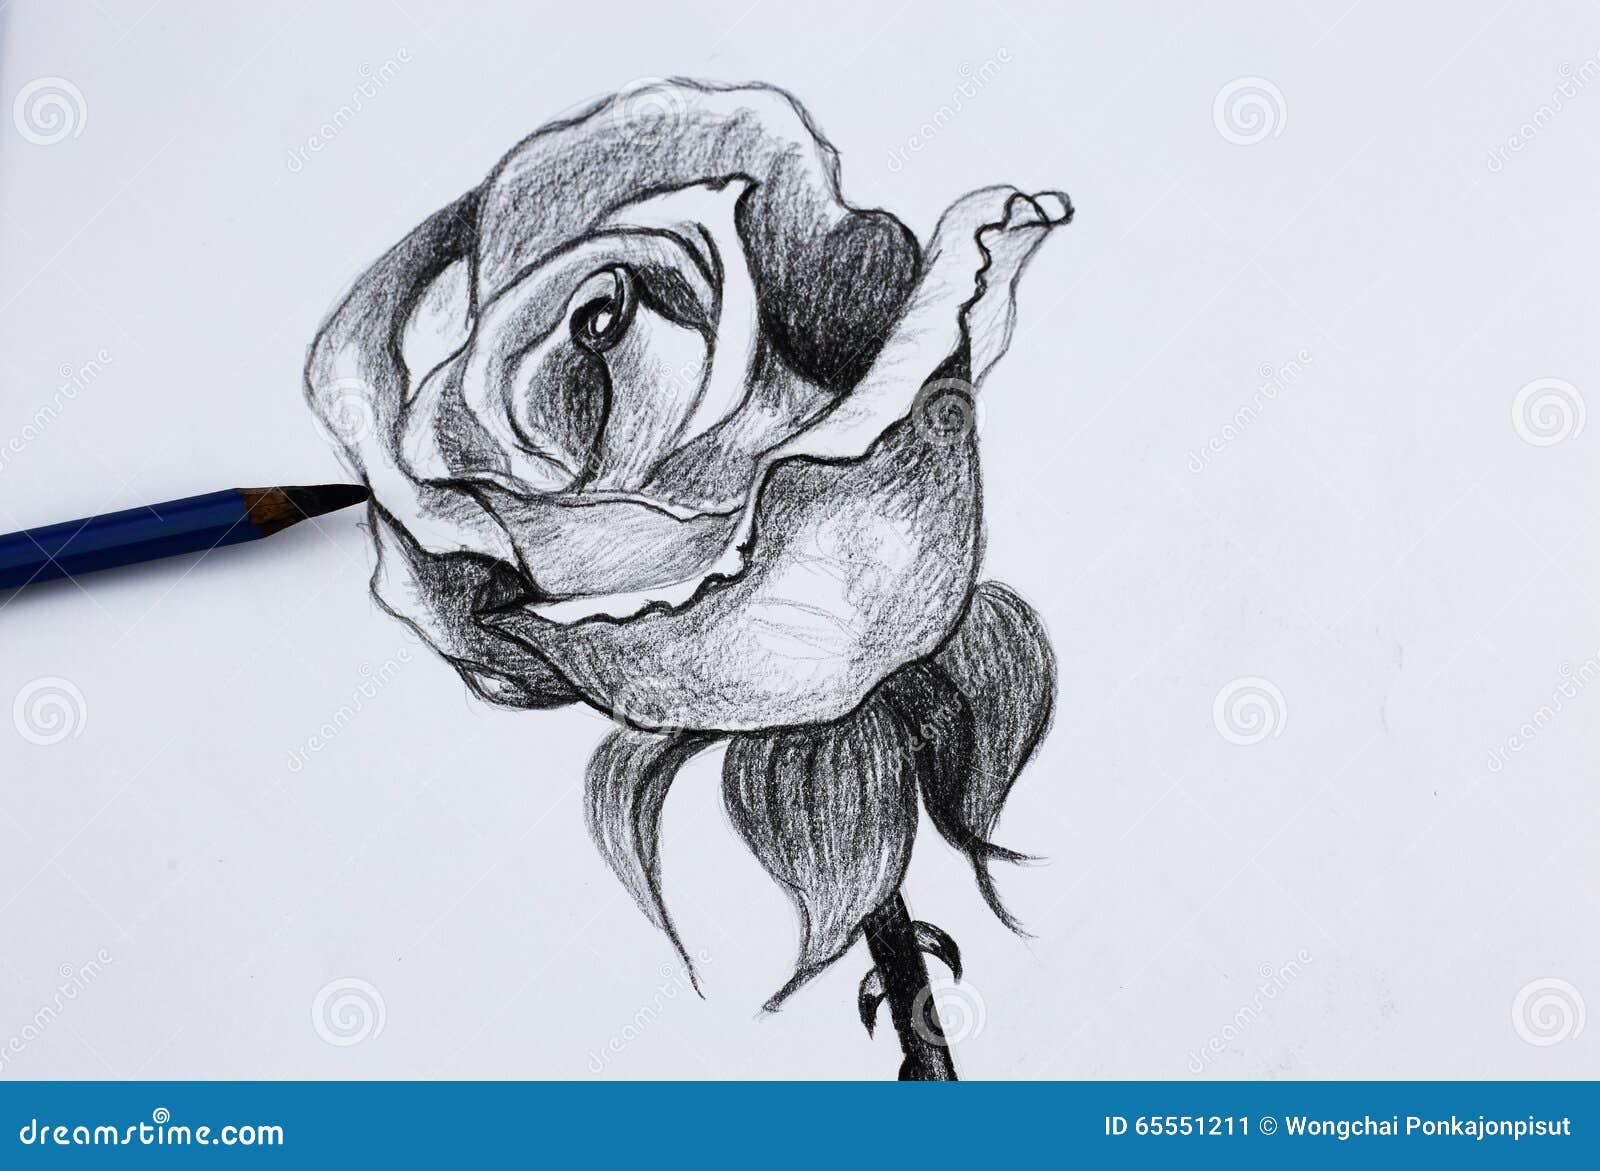 Disegno a matita i dei fiori immagine stock immagine for Disegni e piani di coperta